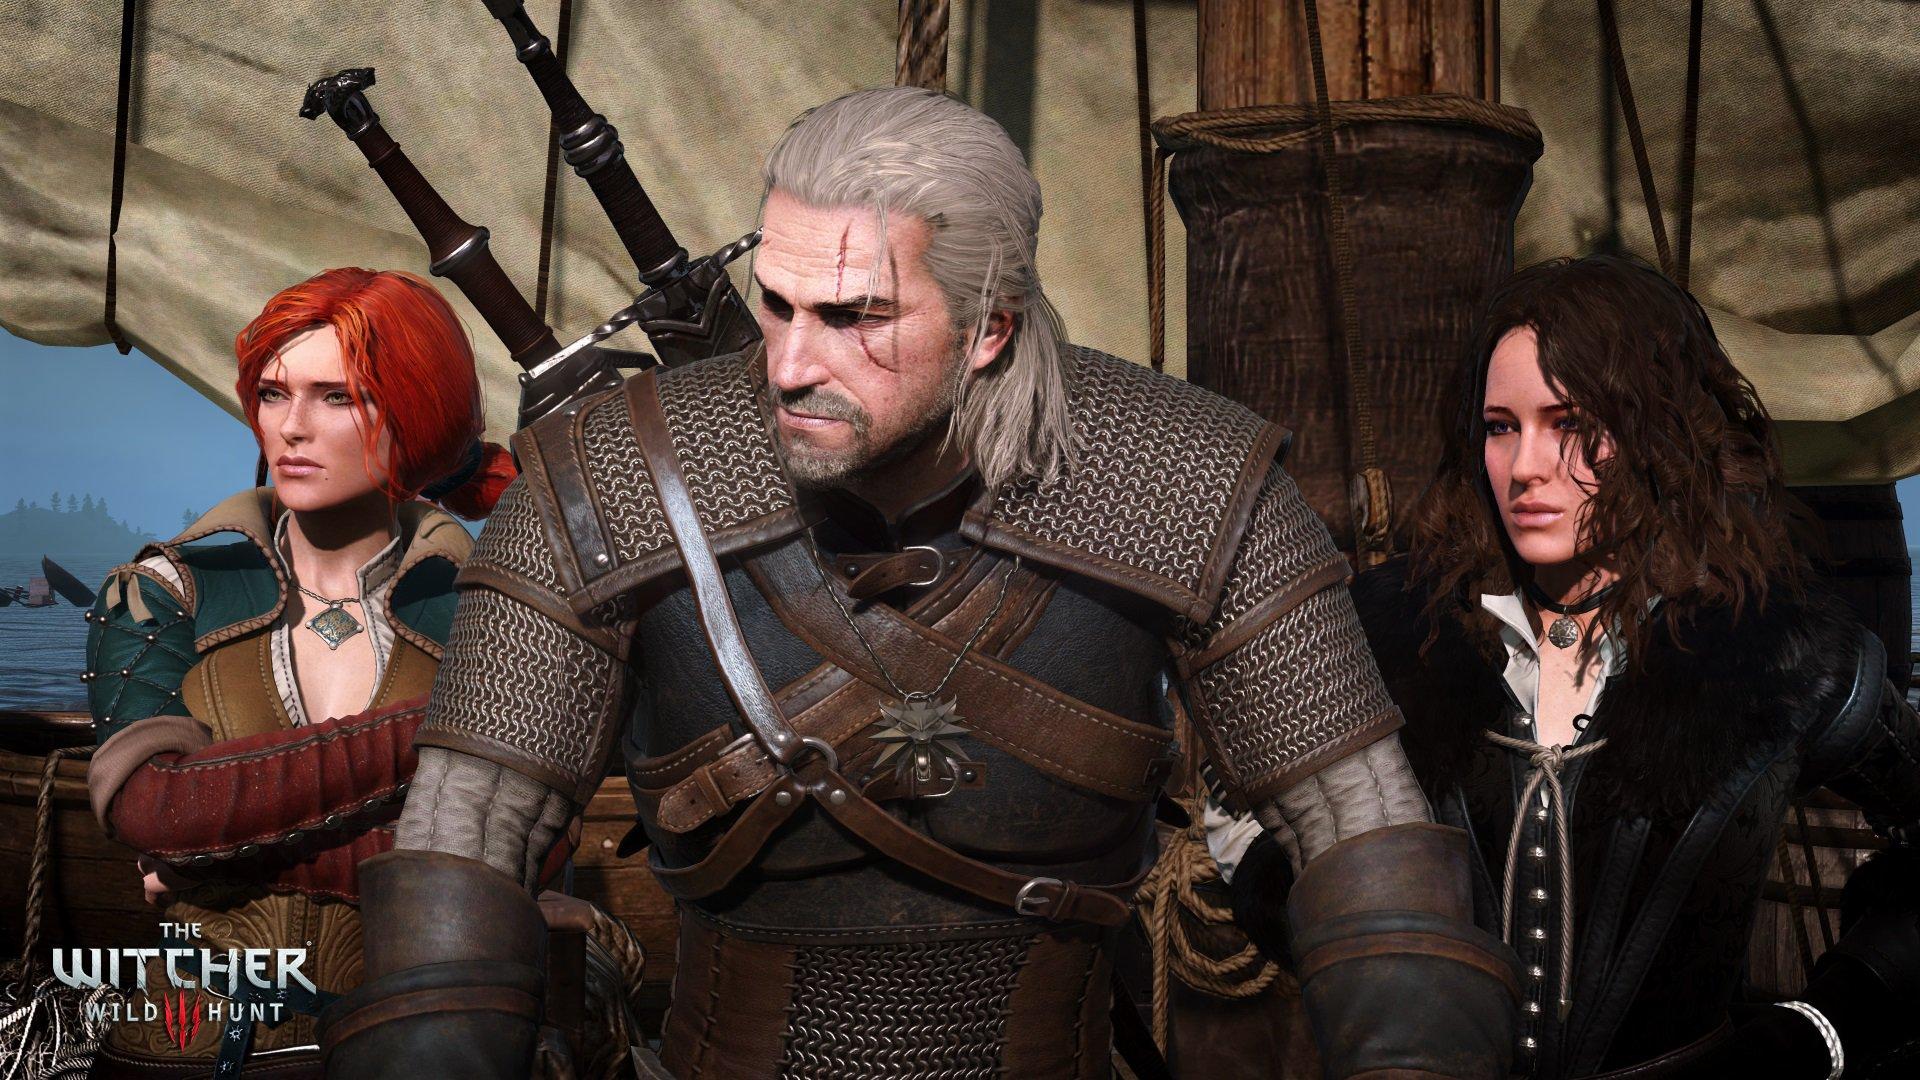 Deklassieren die Quests aus The Witcher 3: Wild Hunt MMORPGs?